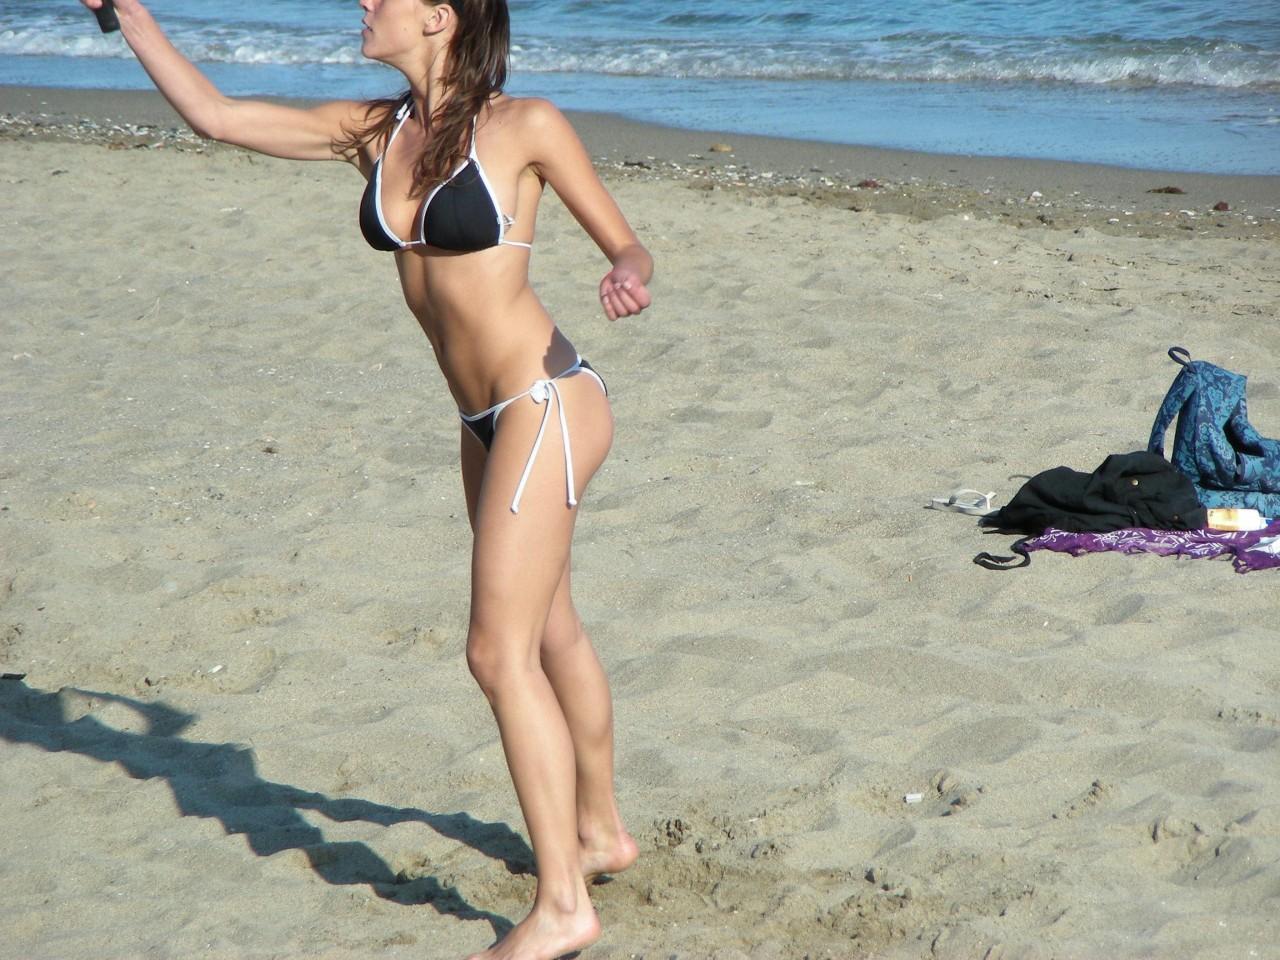 Пьяные голые девочки на пляже, Подборка: Приколы с пьяными девушками - видео 17 фотография